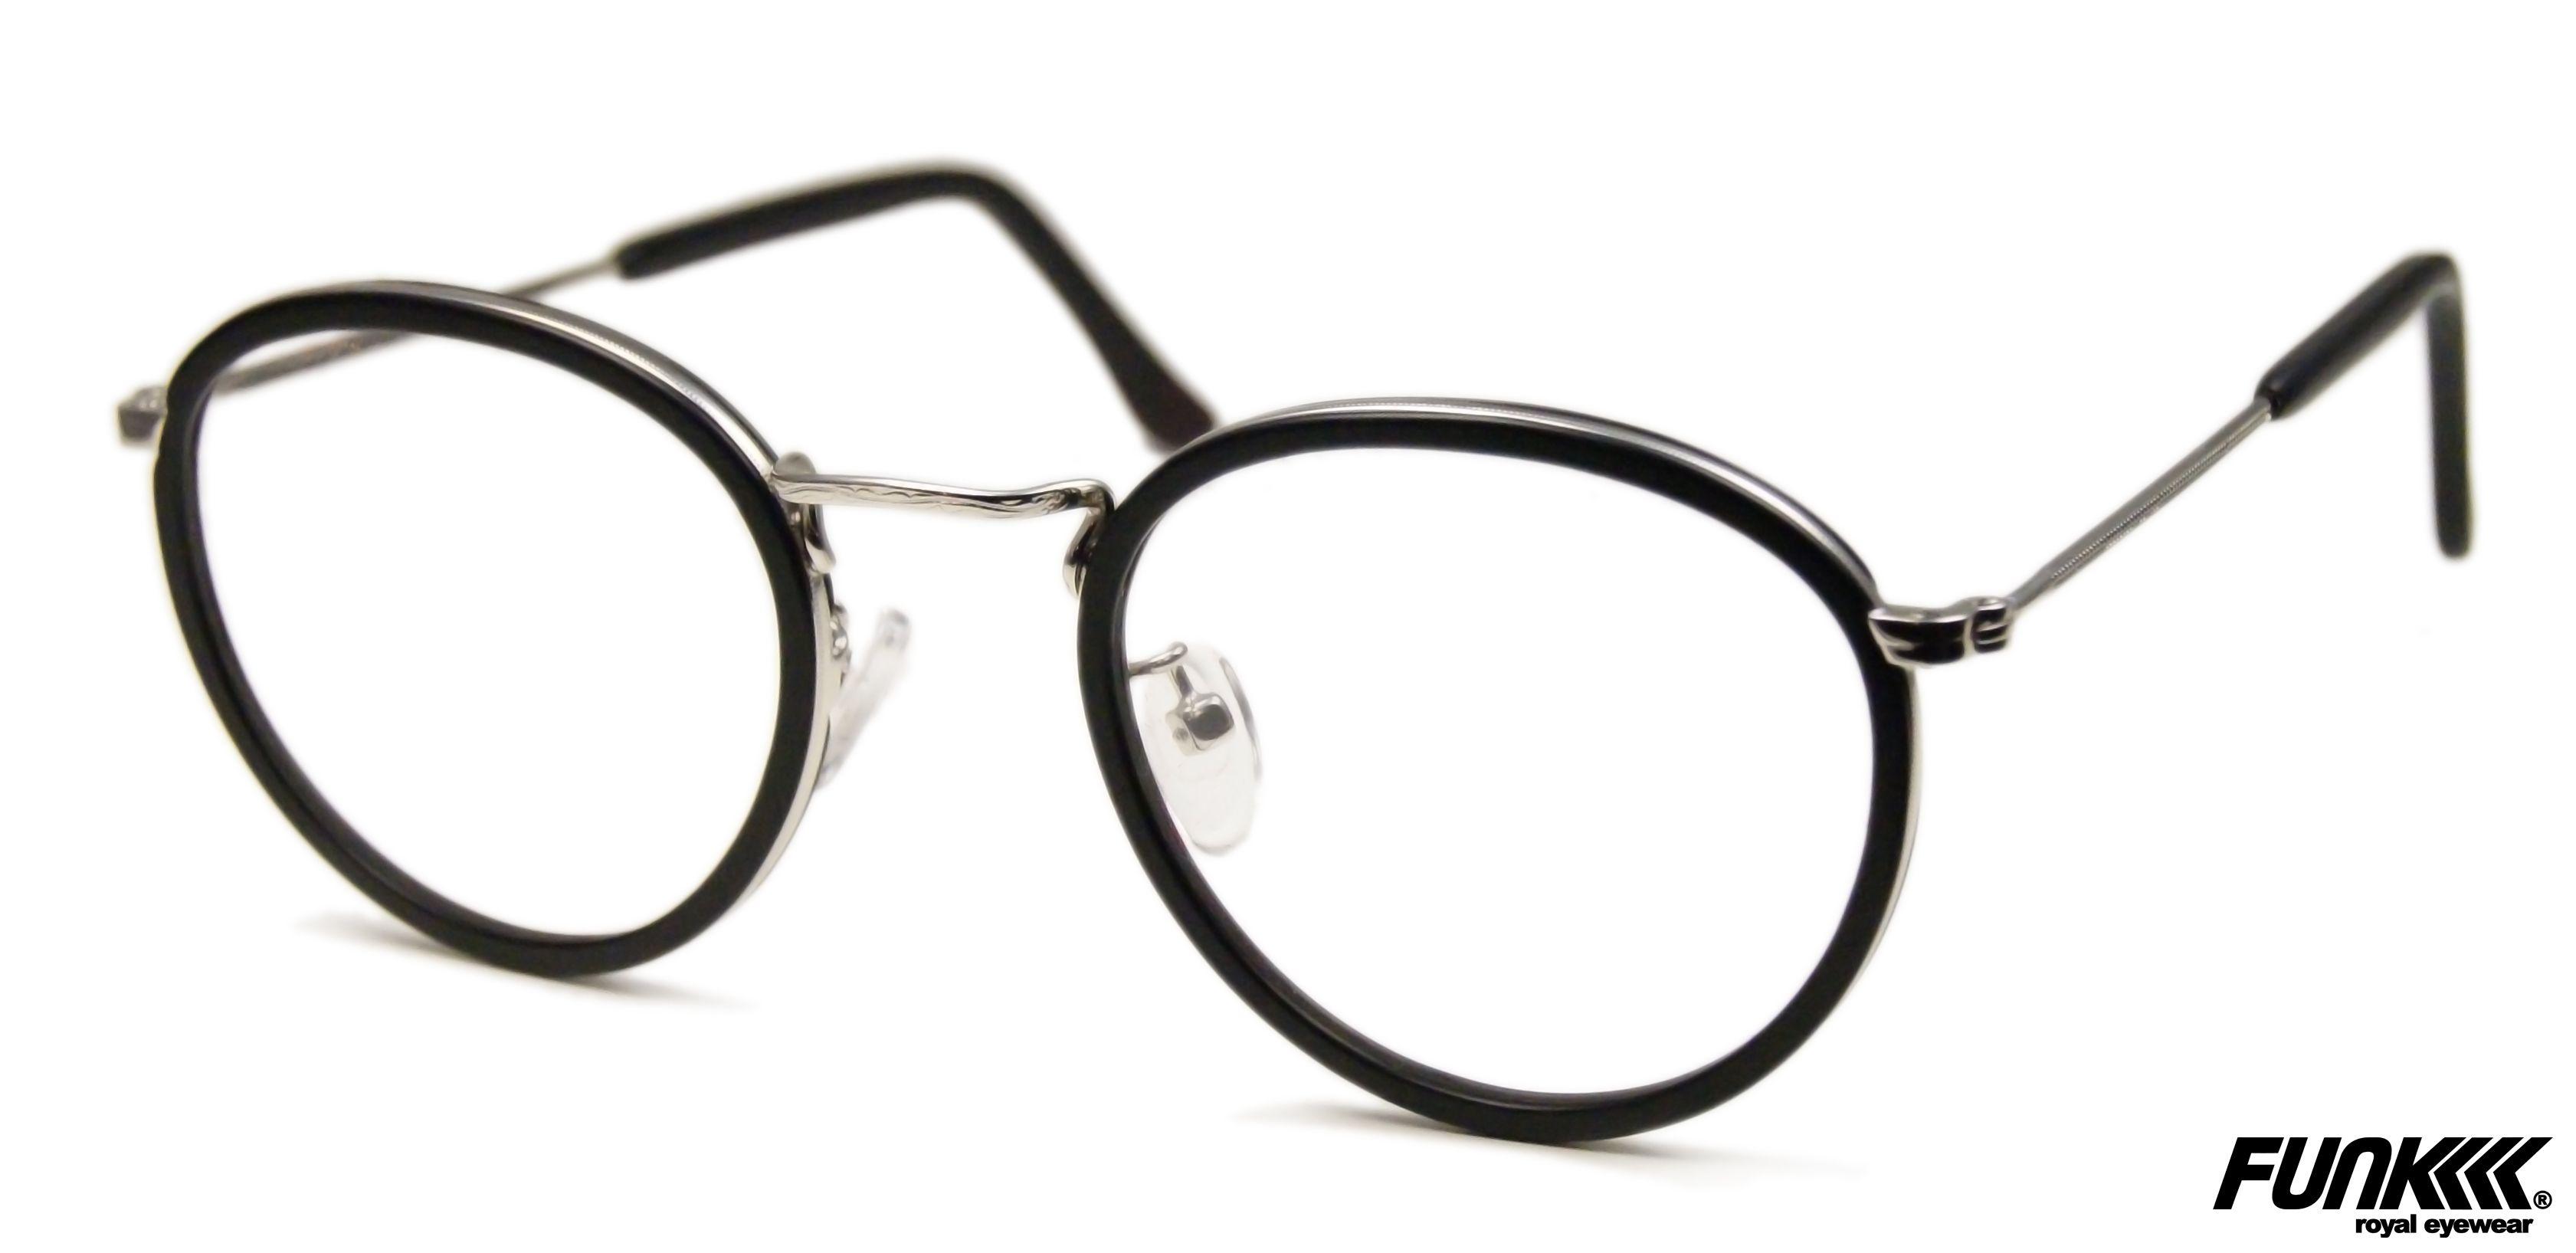 Funkroyal Utgard 2 Brille Anziehsachen Produkte